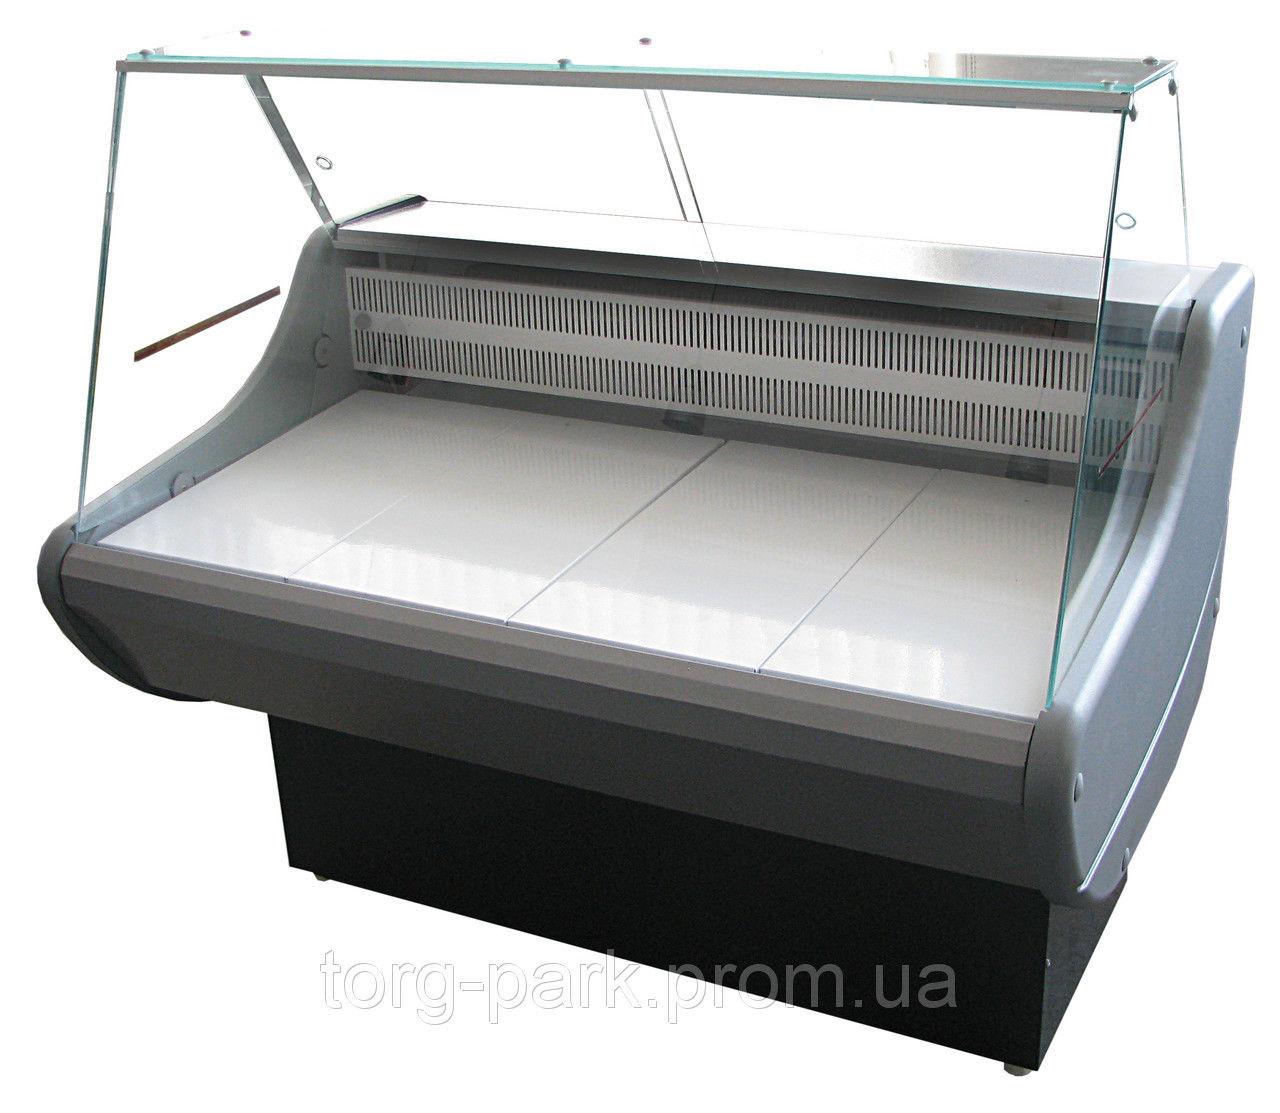 Холодильна вітрина Ранетка 1,0 1,2 1,5 1,7 2,0 Росс